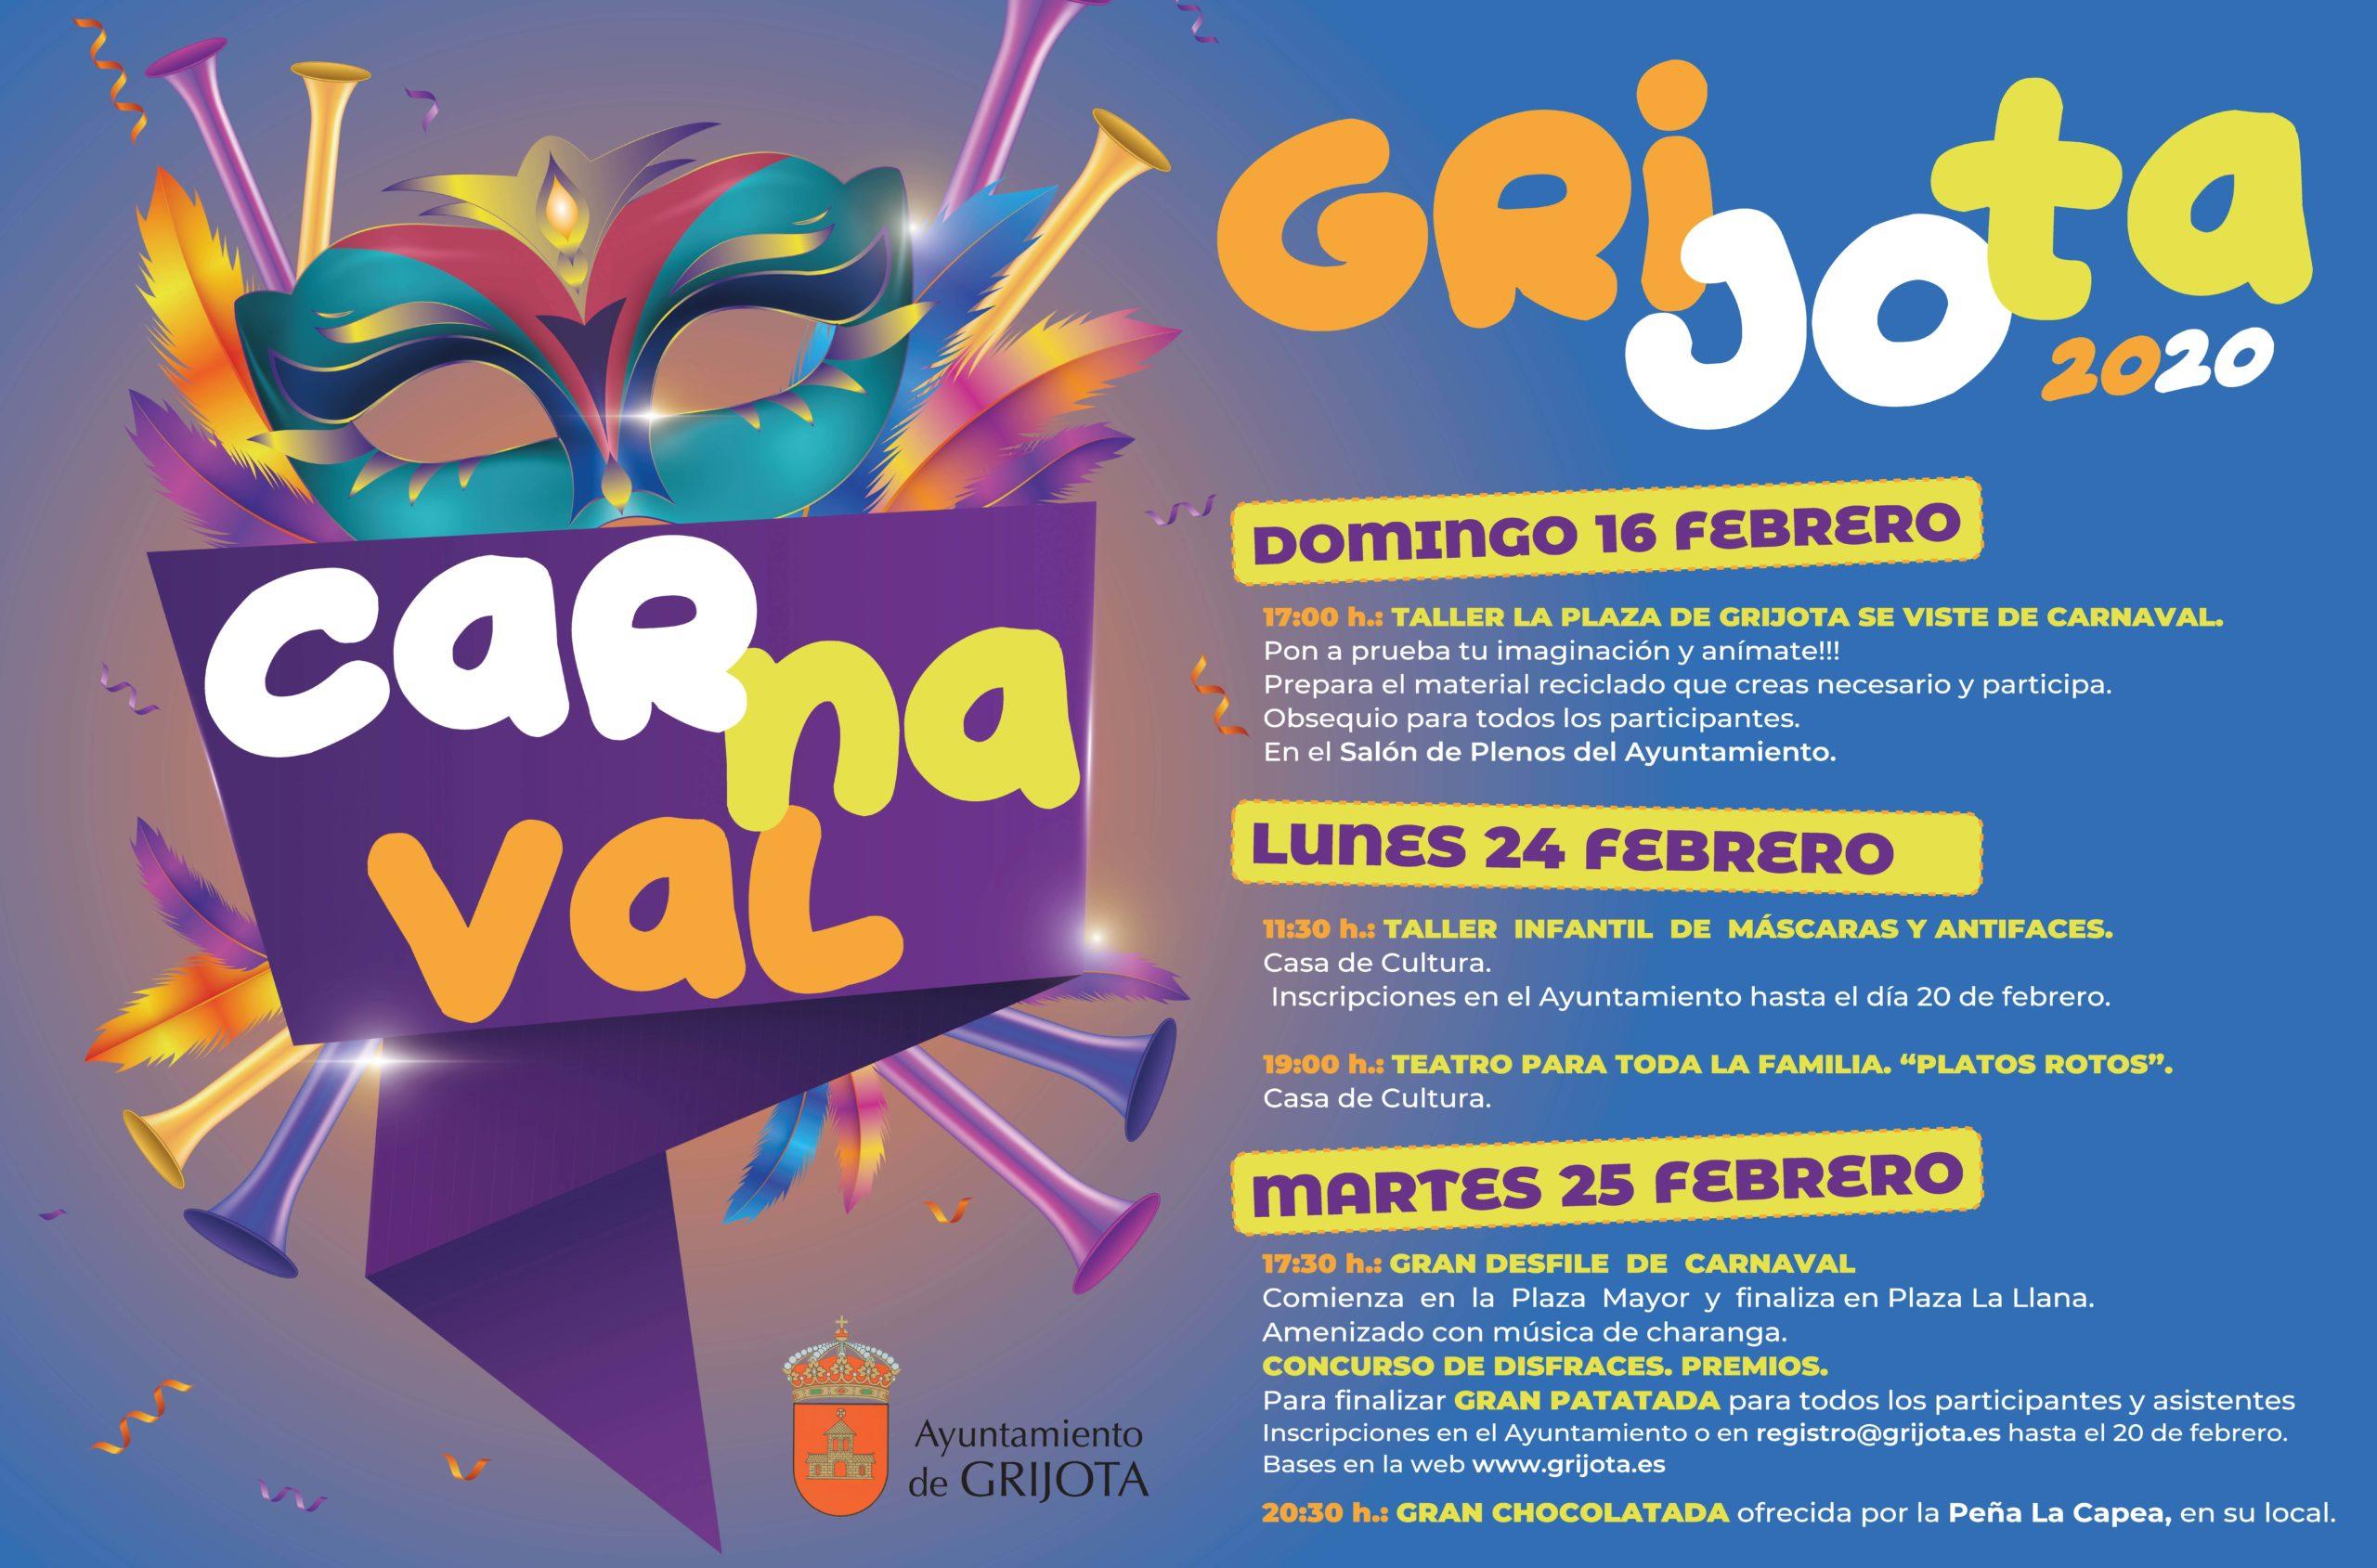 Nuevo Cartel Carnaval Grijota 2020